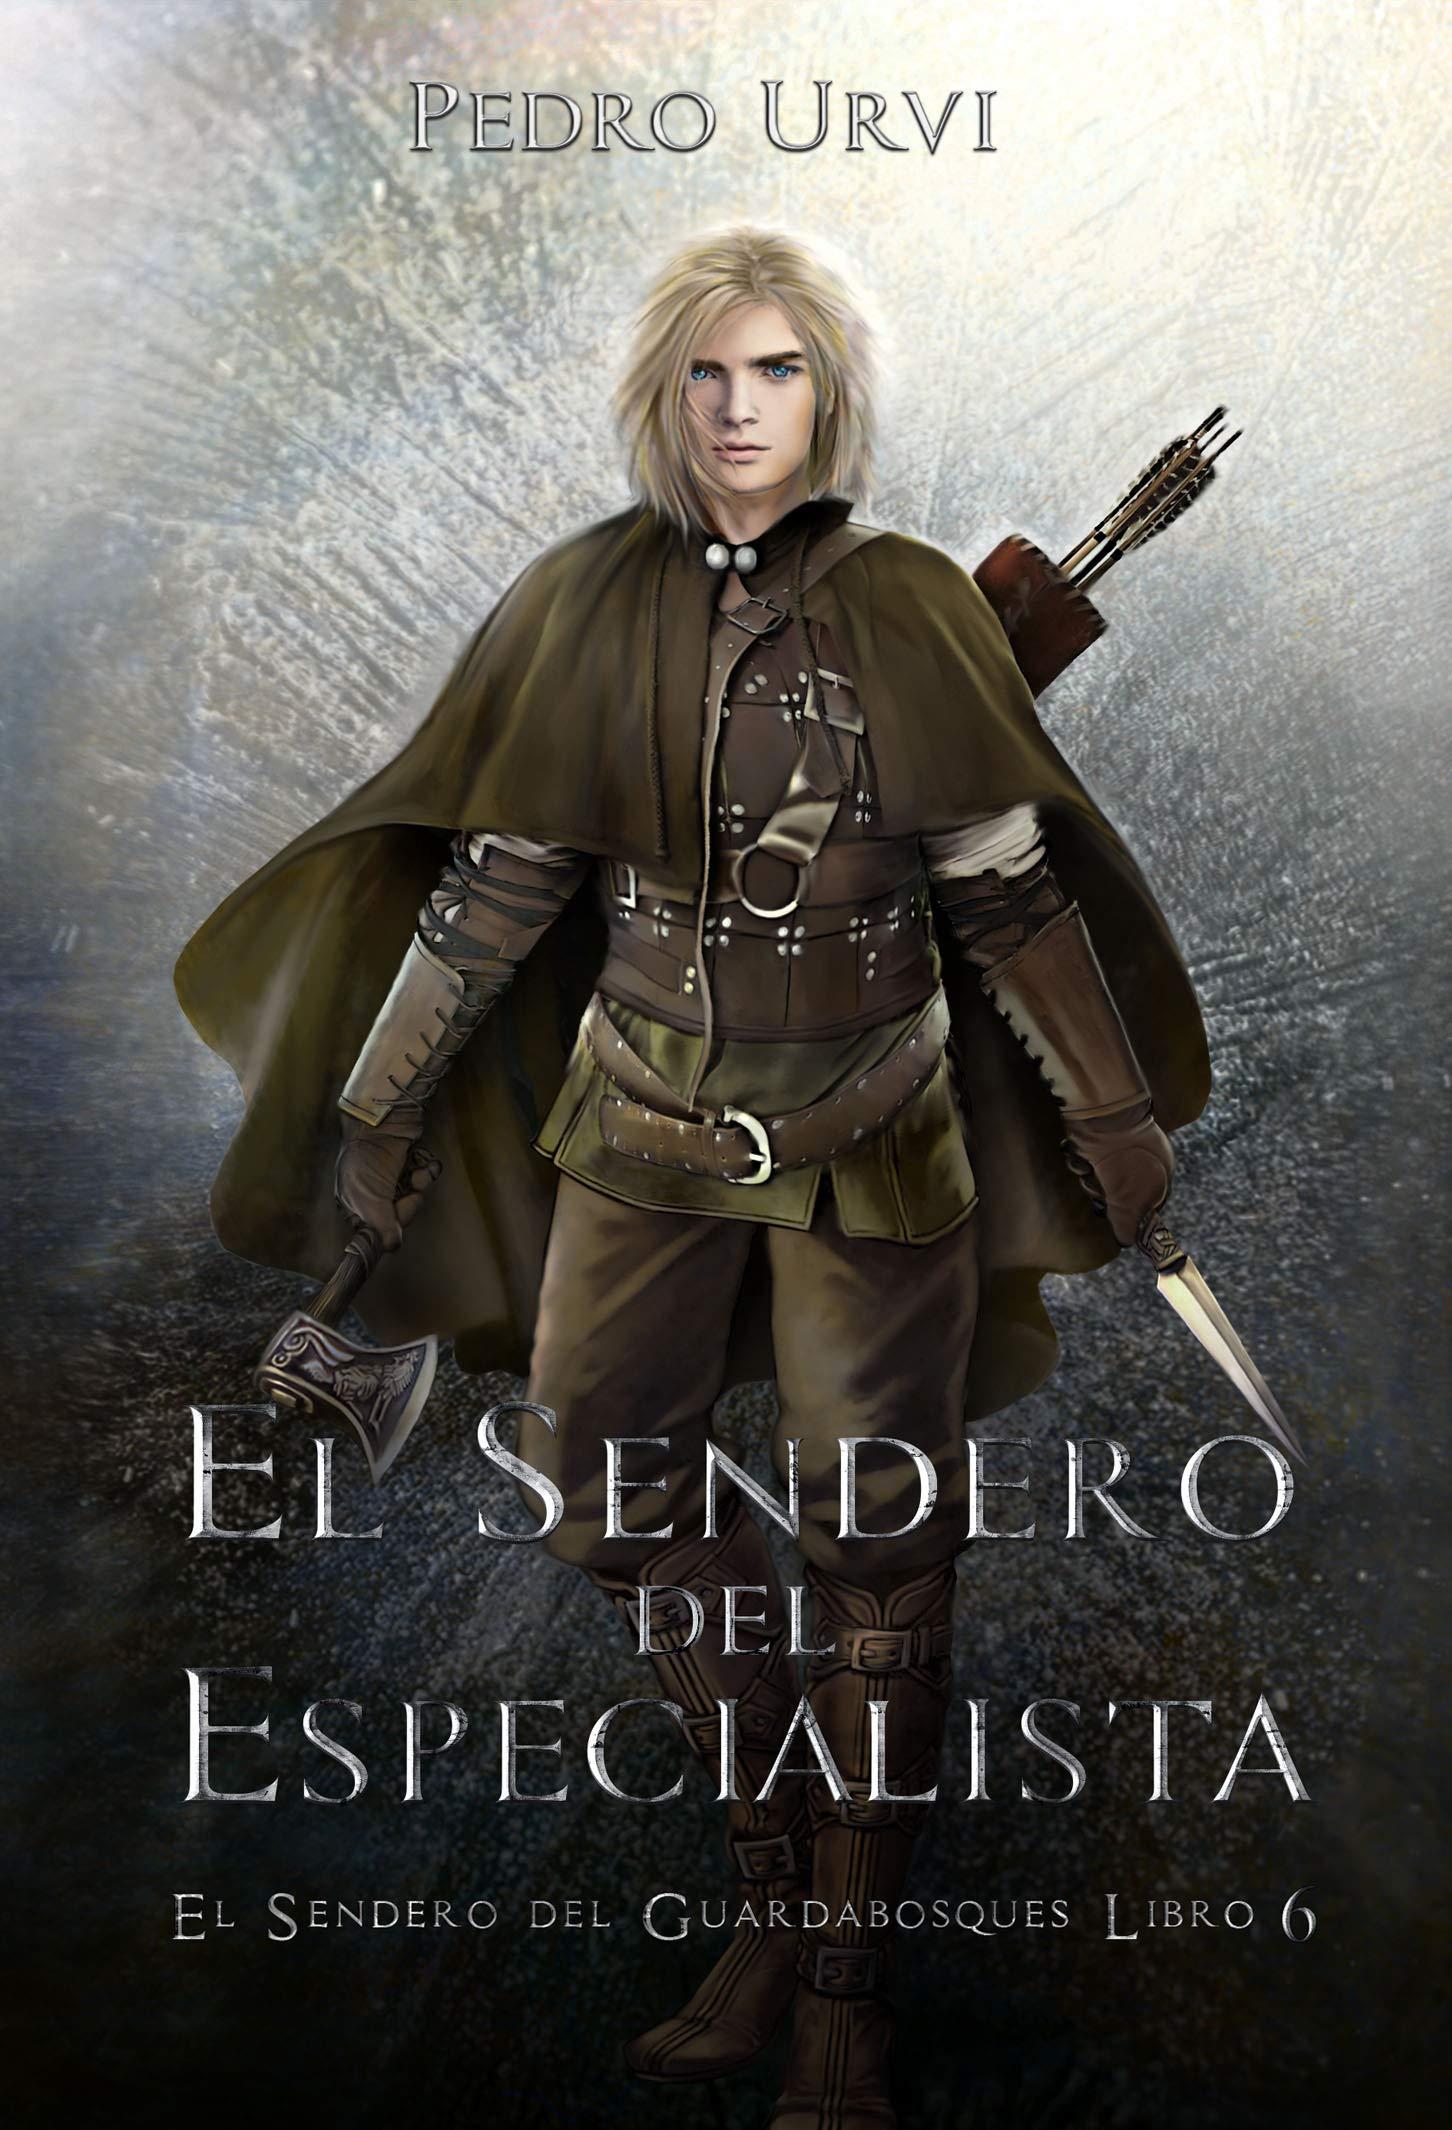 El Sendero del Especialista: (El Sendero del Guardabosques, Libro 6) por Pedro Urvi